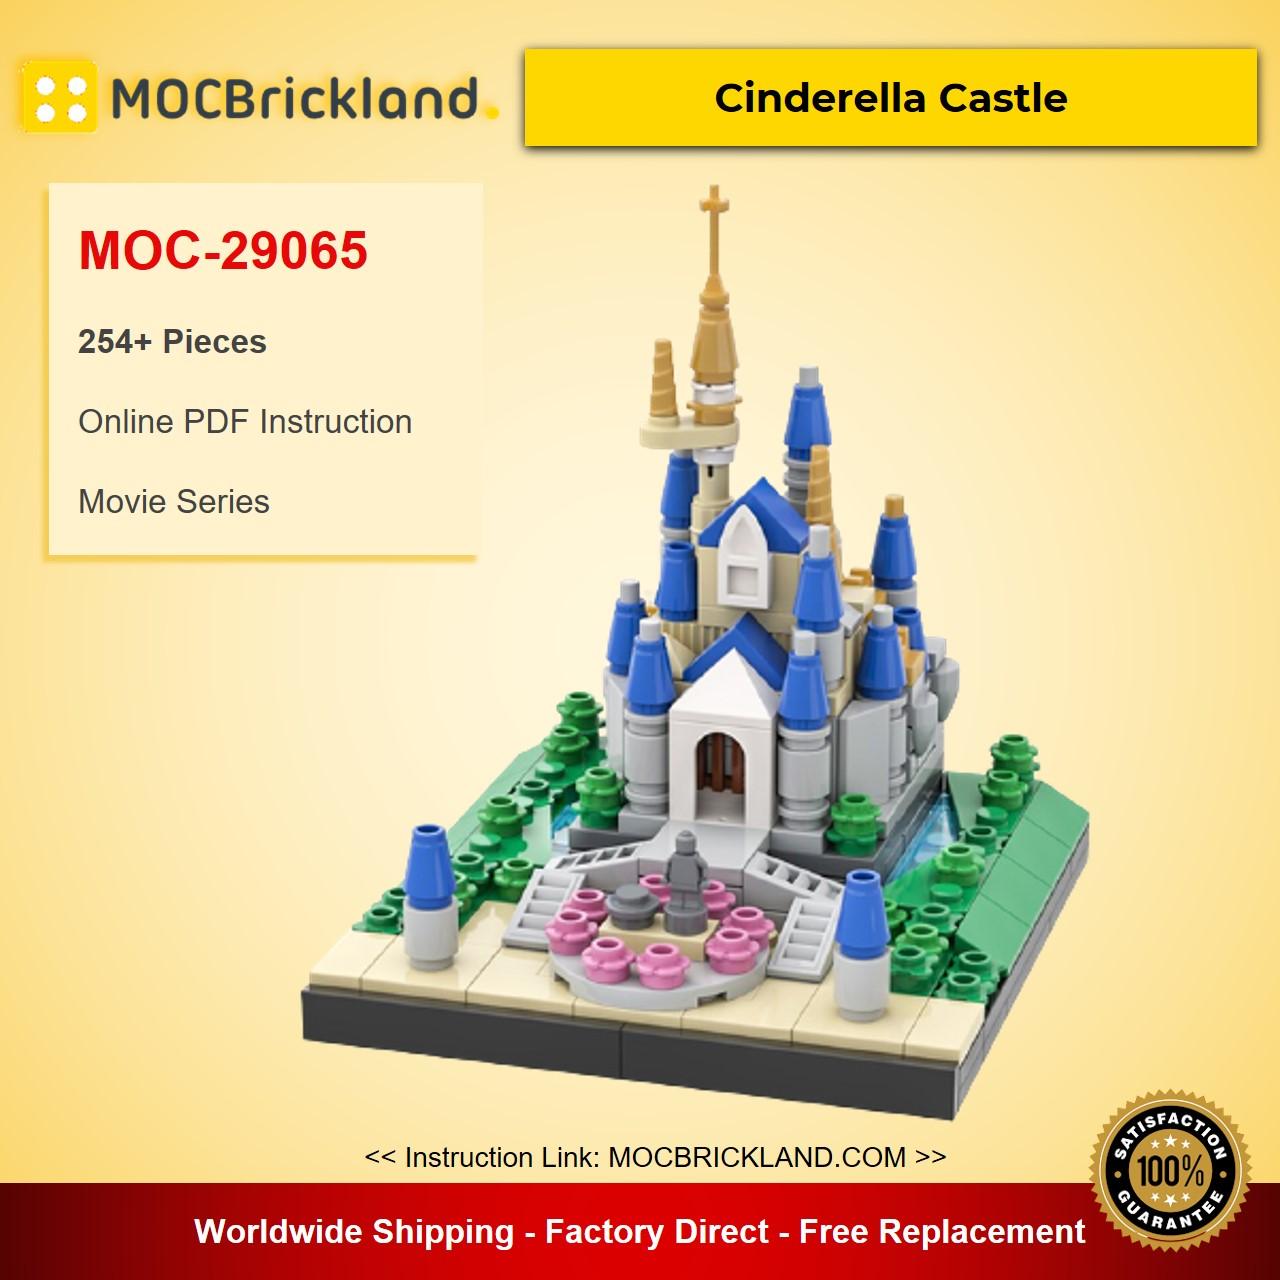 Cinderella Castle MOC-29065 Movie Designed By benbuildslego With 254 Pieces